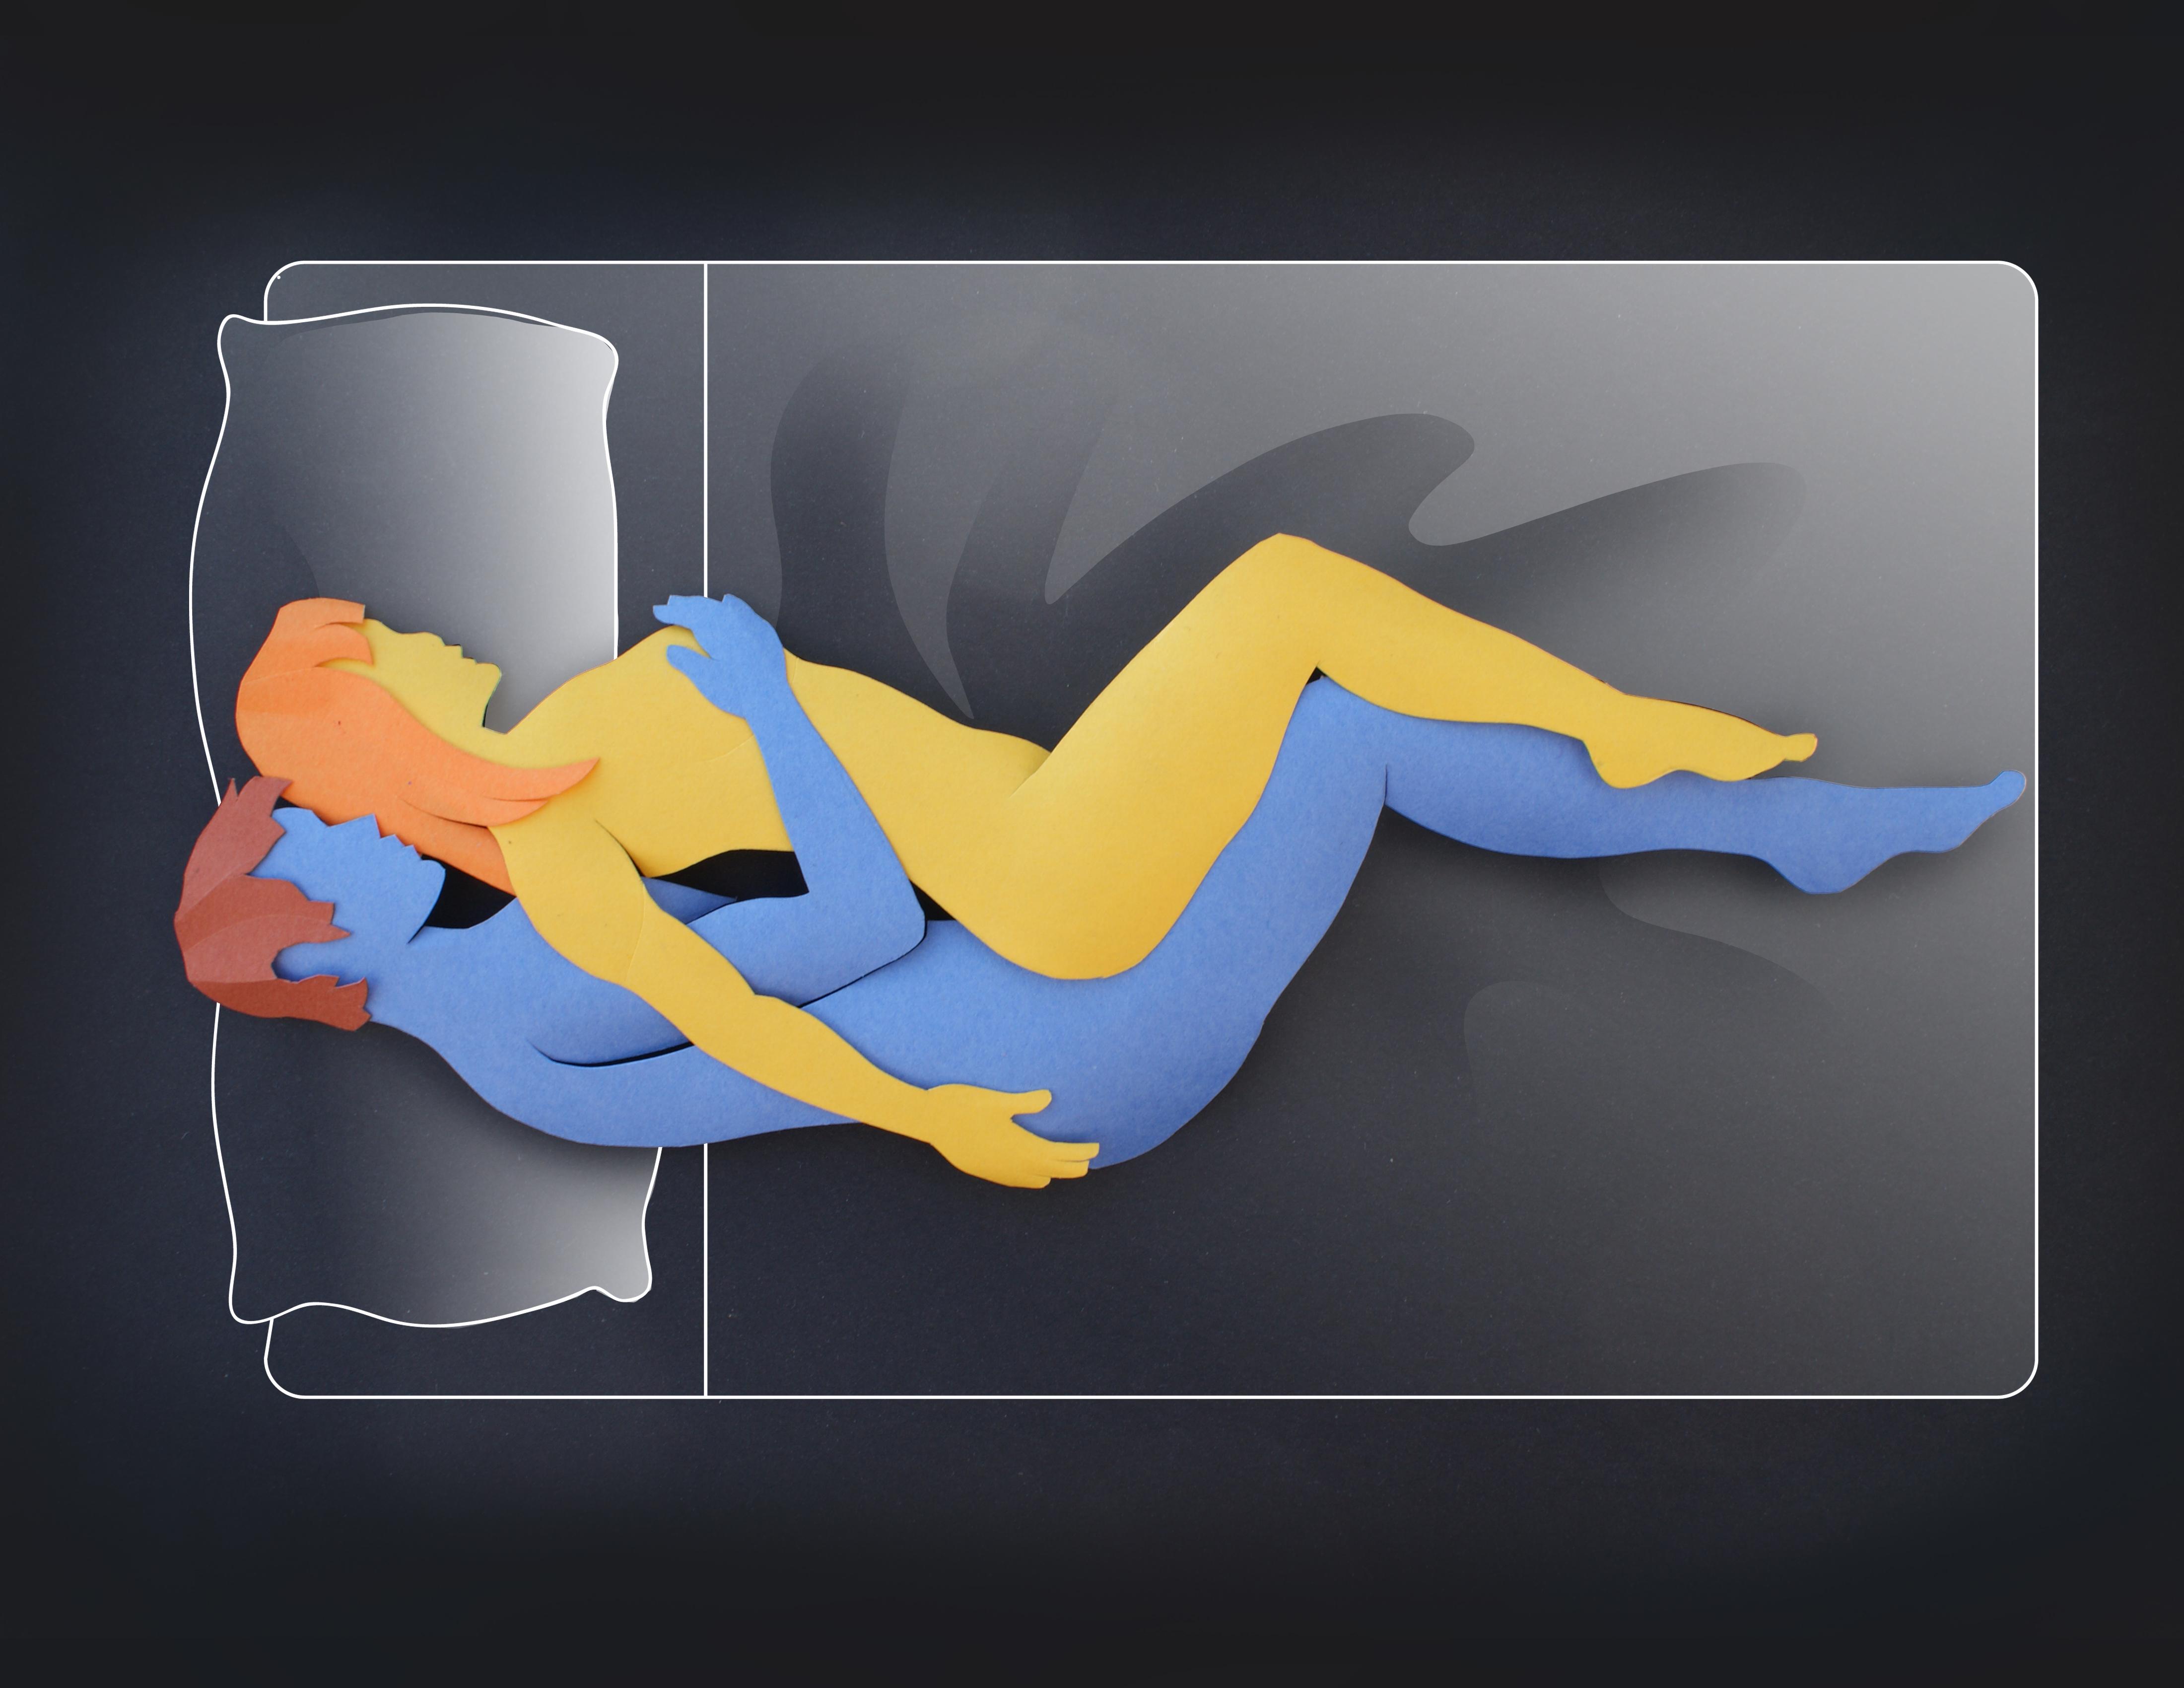 Posiciones sexuale mas placenteras para ellos galleries 19